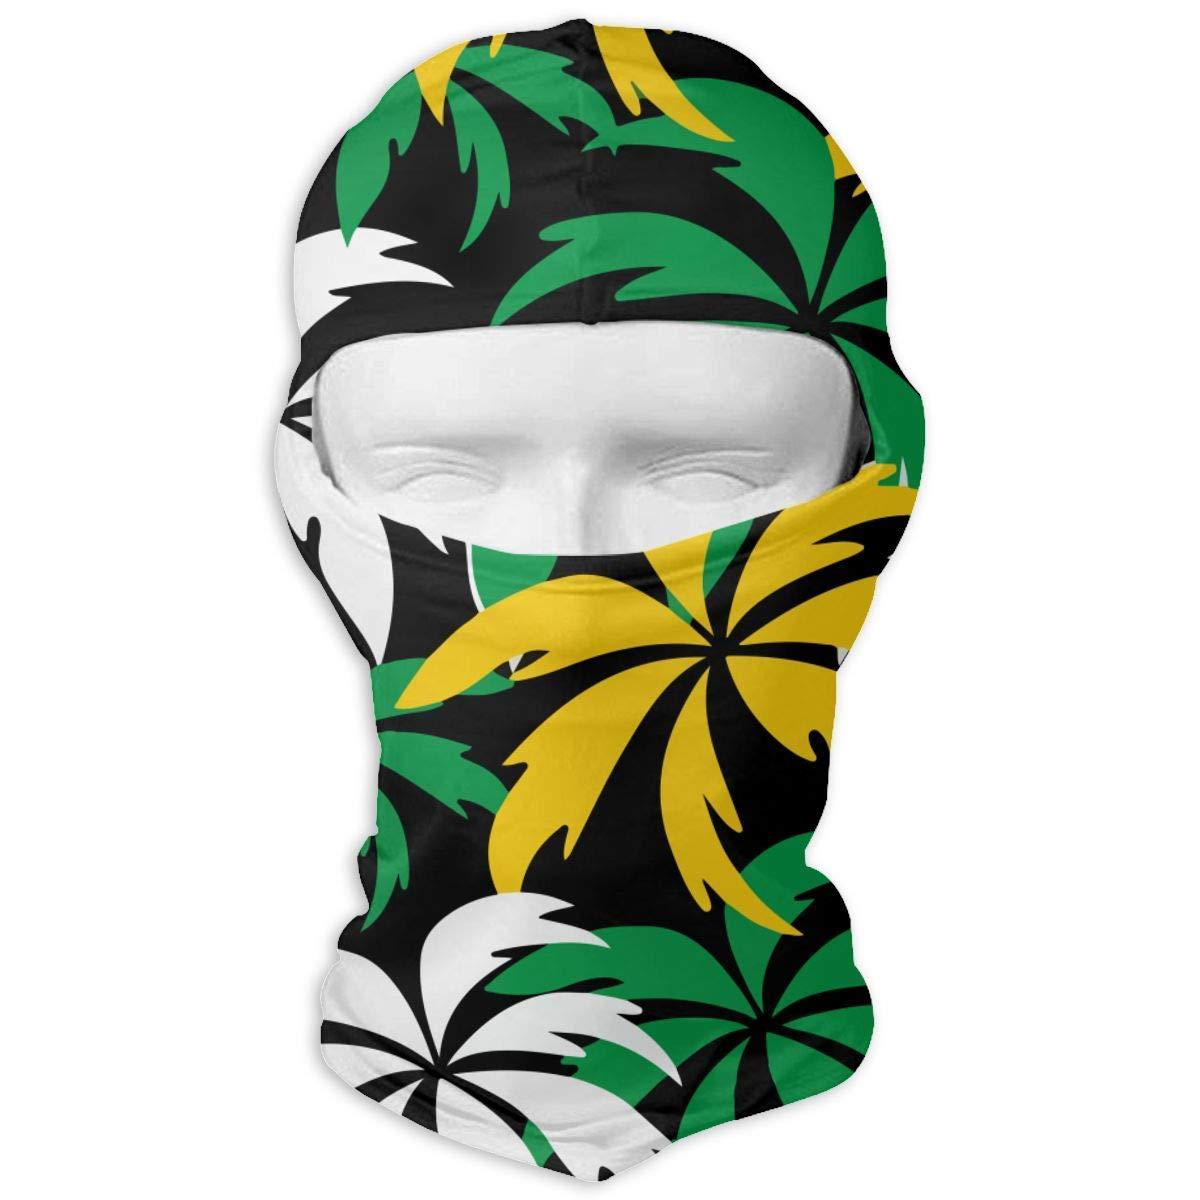 Bikofhd Colorful Palm Trees Balaclava Full Face Mask Hood Windproof Ski Face Mask Balaclava Face Mask Multicolor5